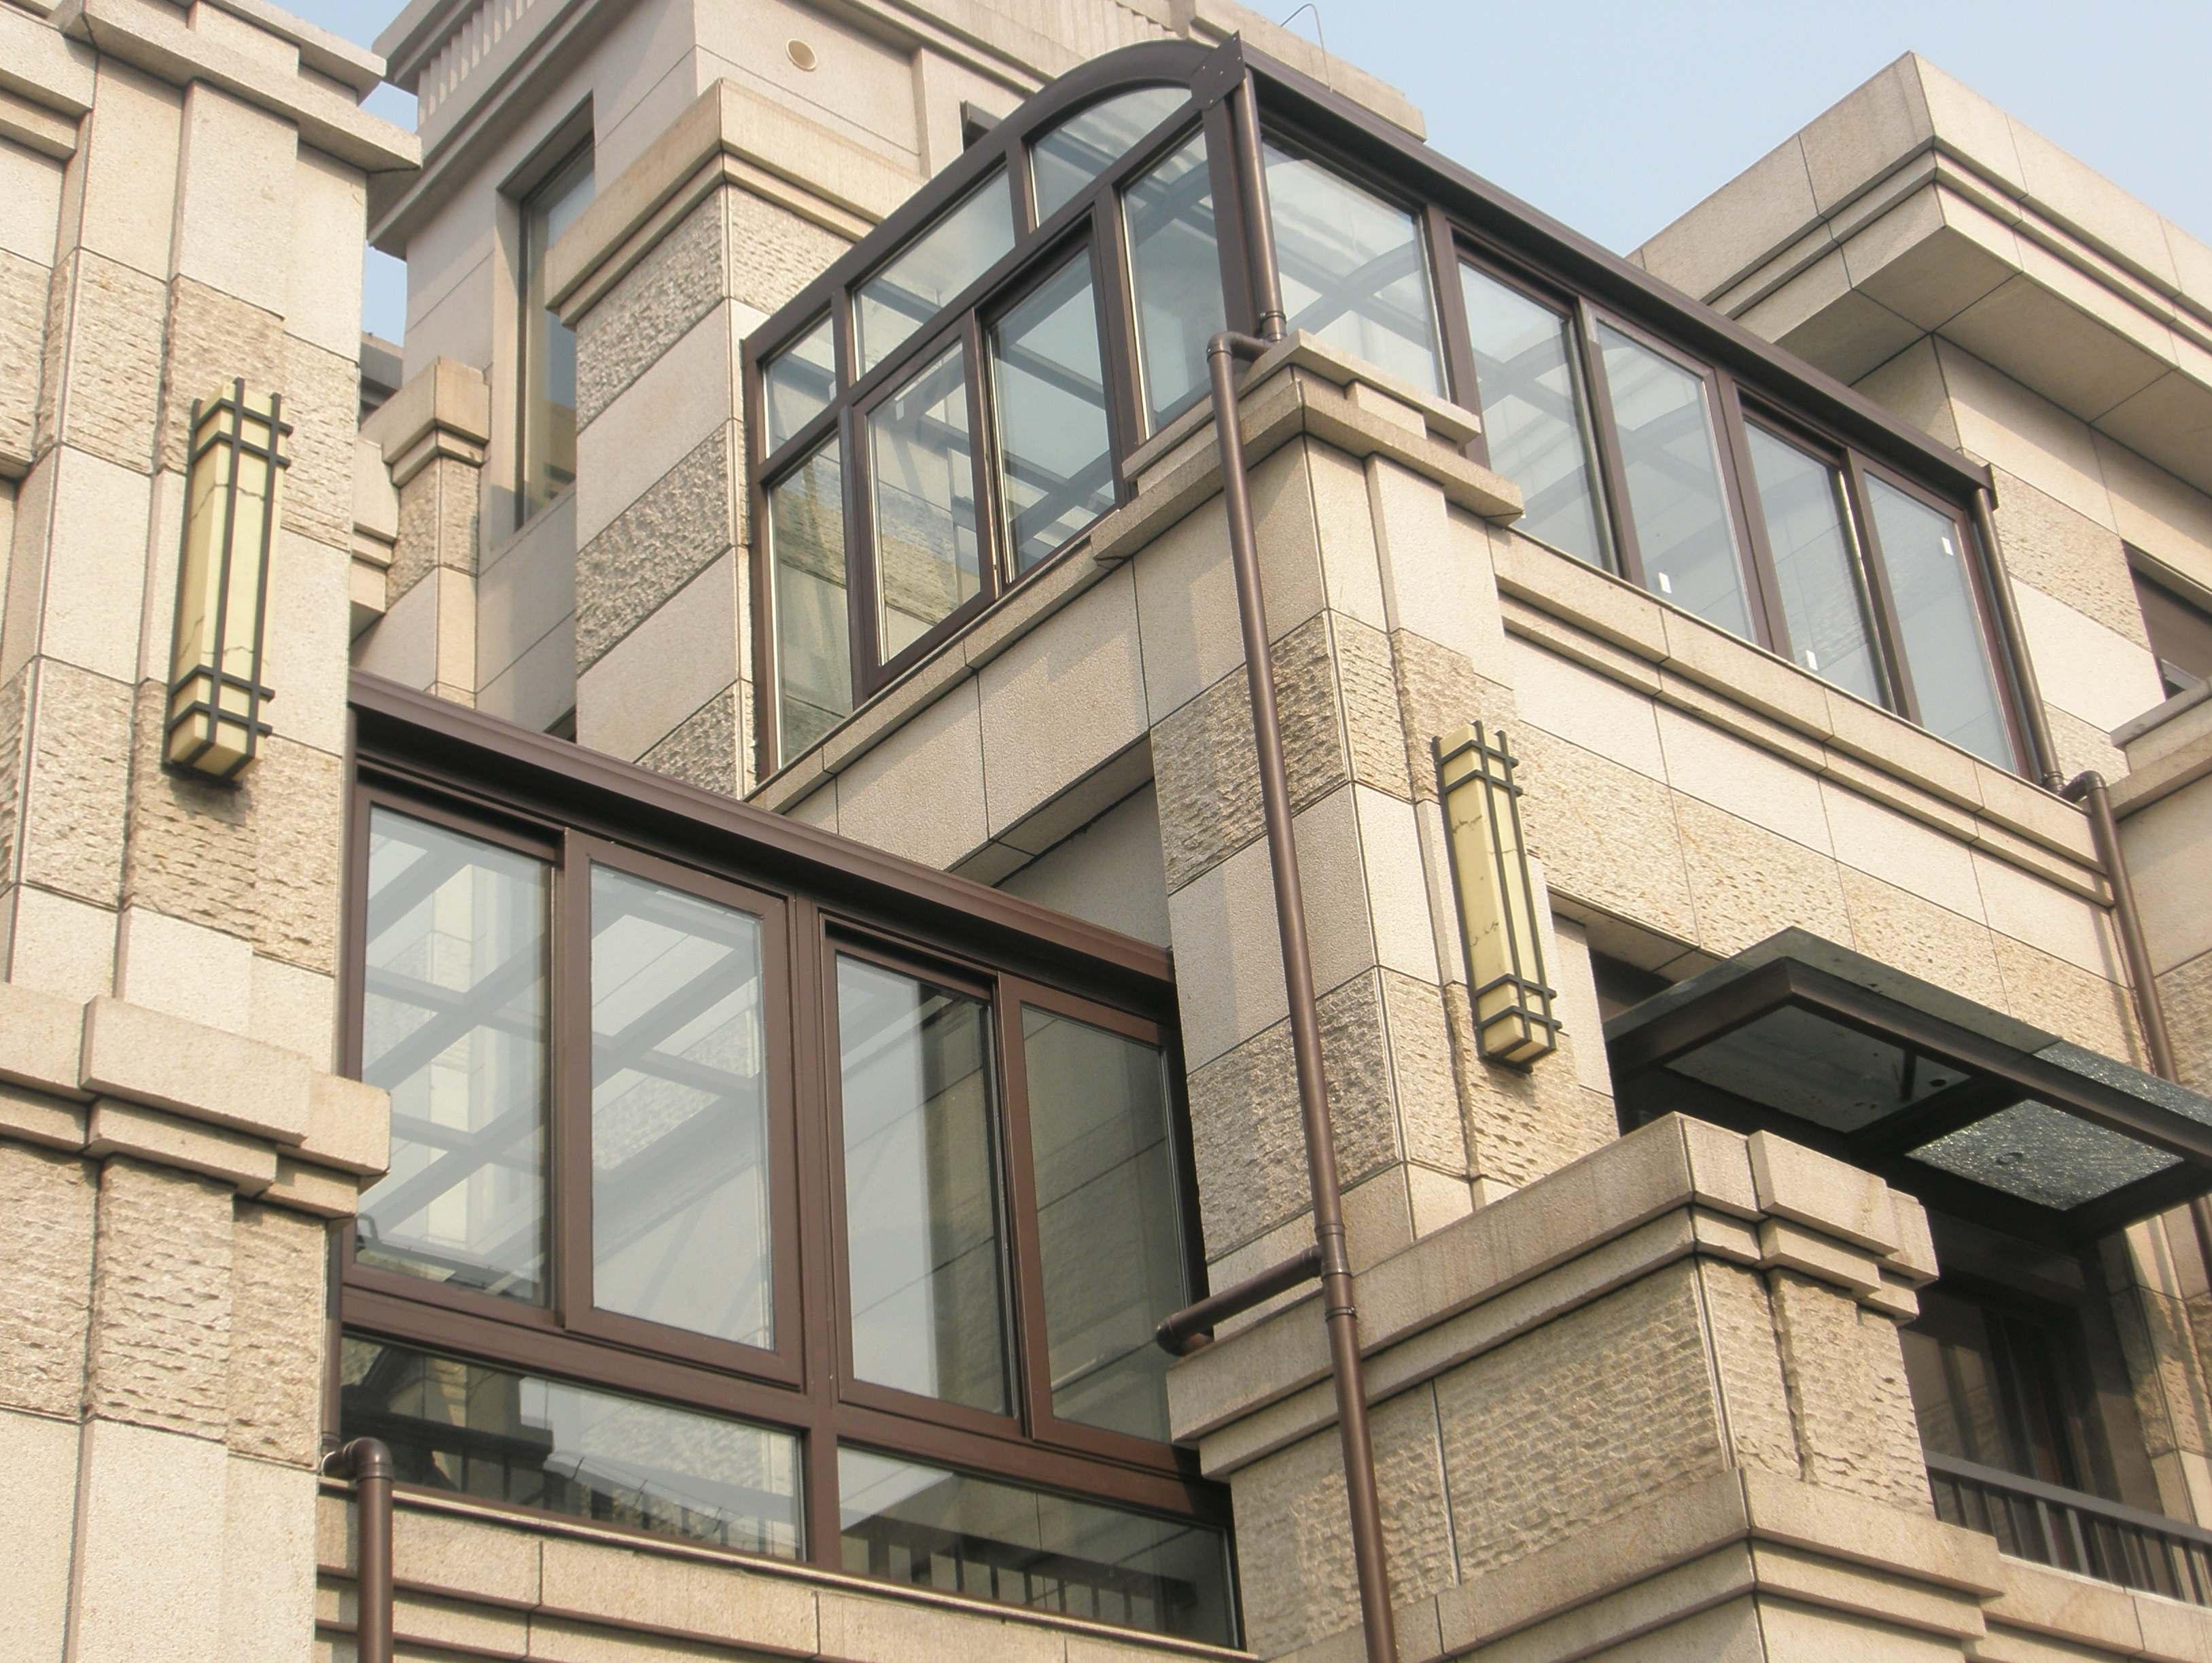 露台玻璃房